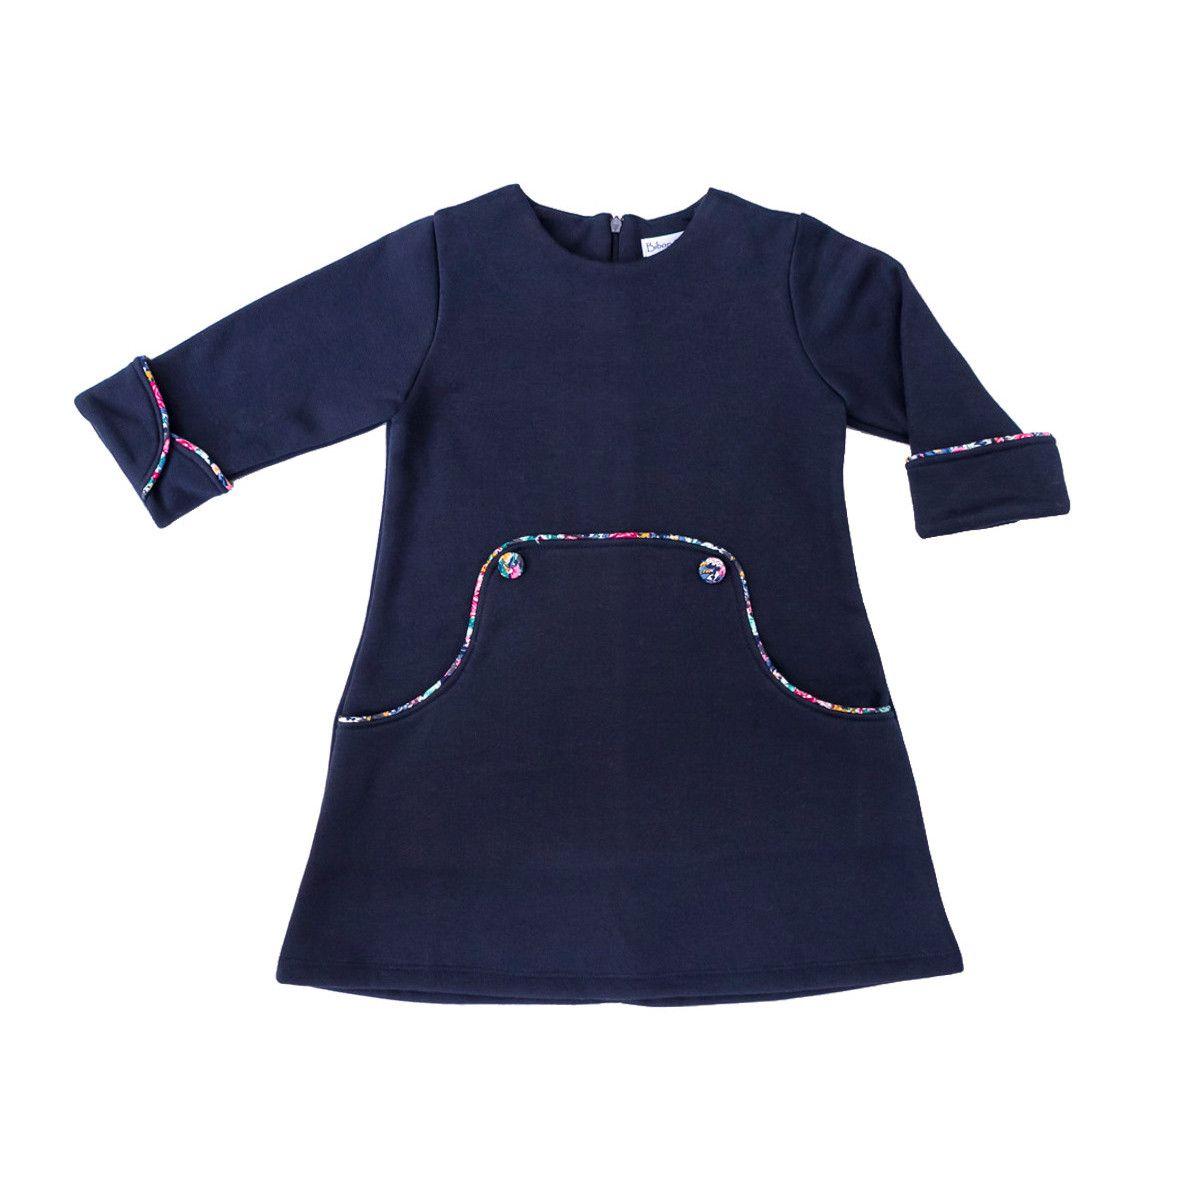 Robe hiver rétro enfant bleu marine